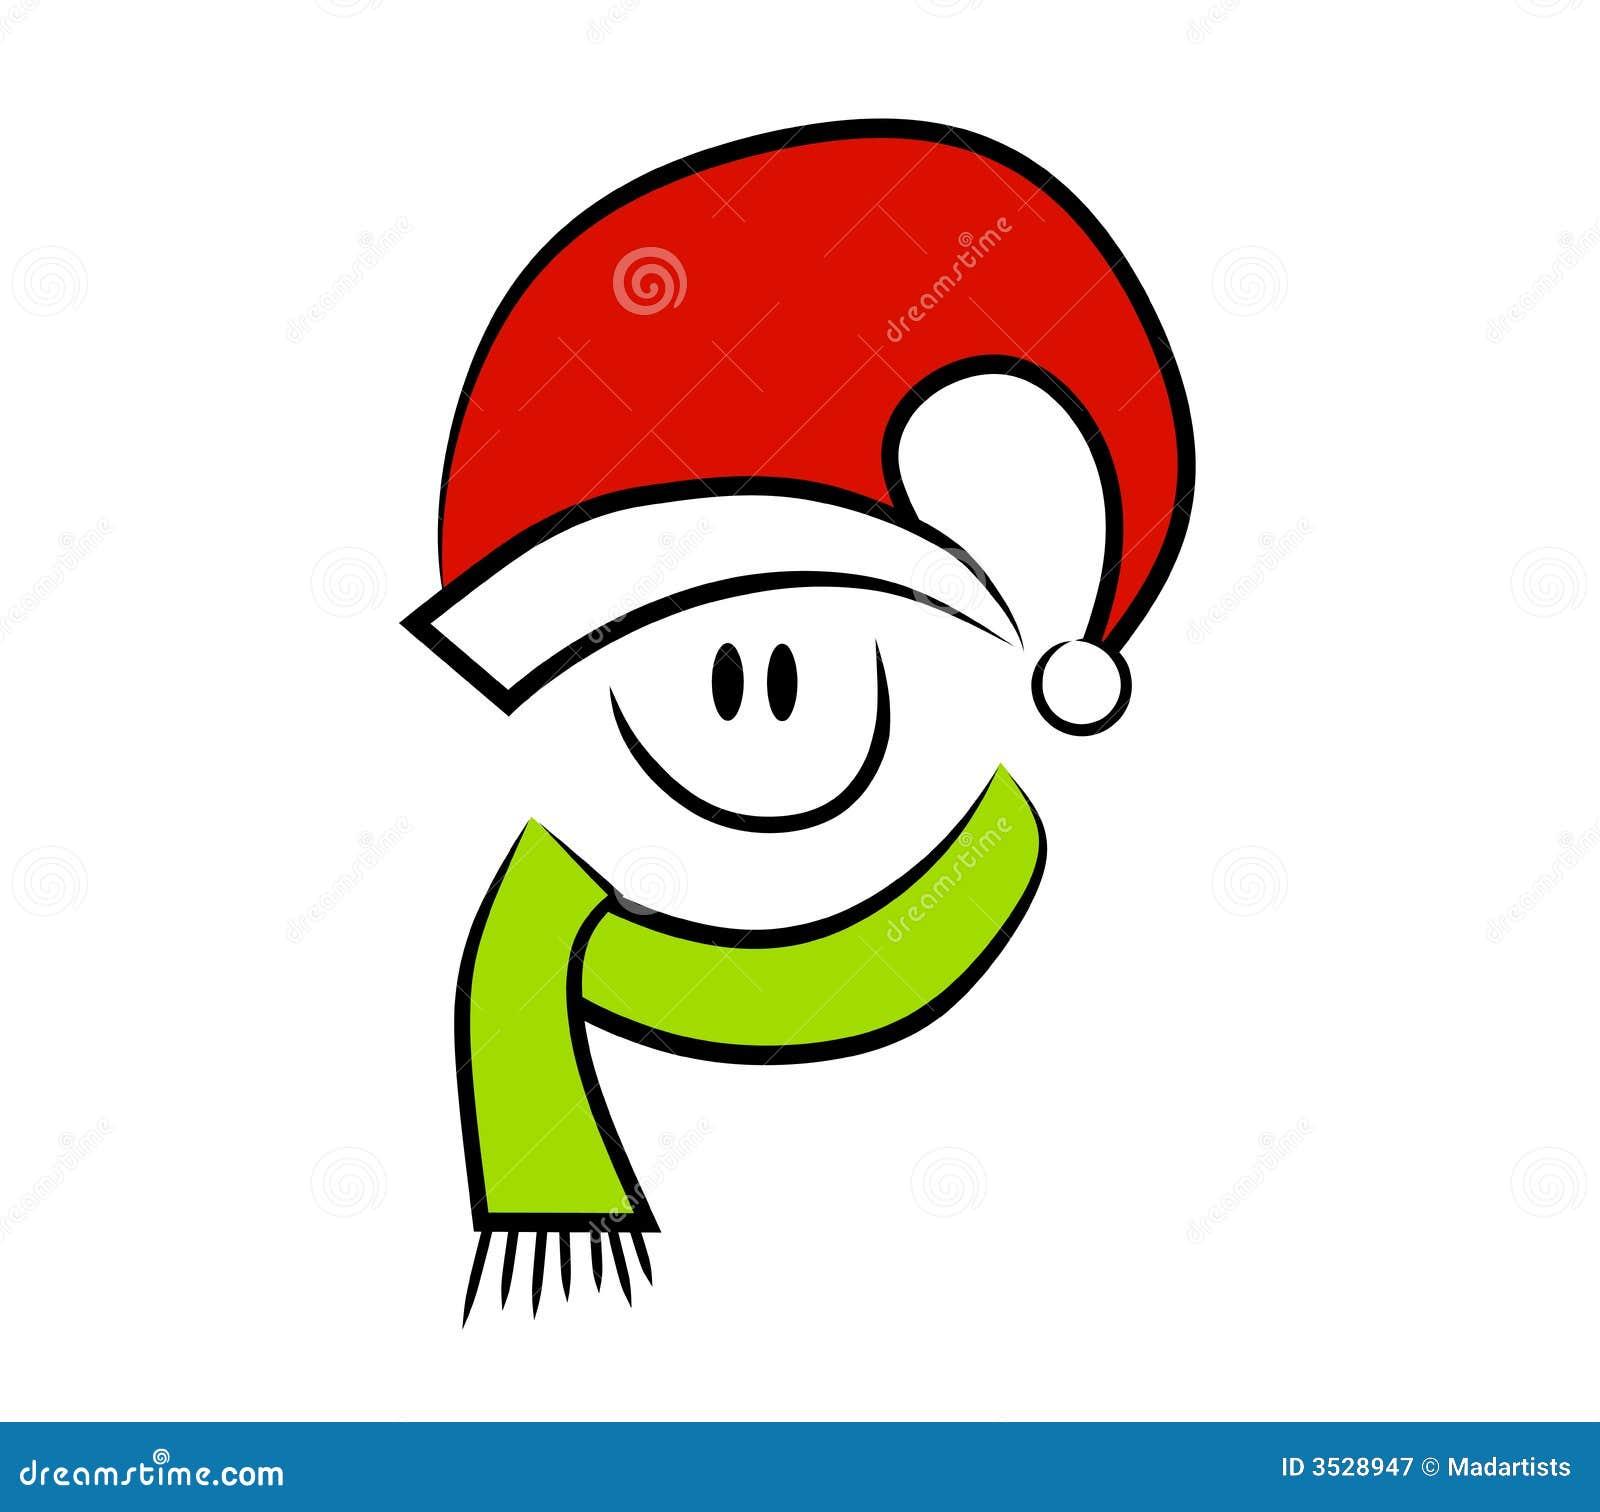 clip art christmas smiley face - photo #28